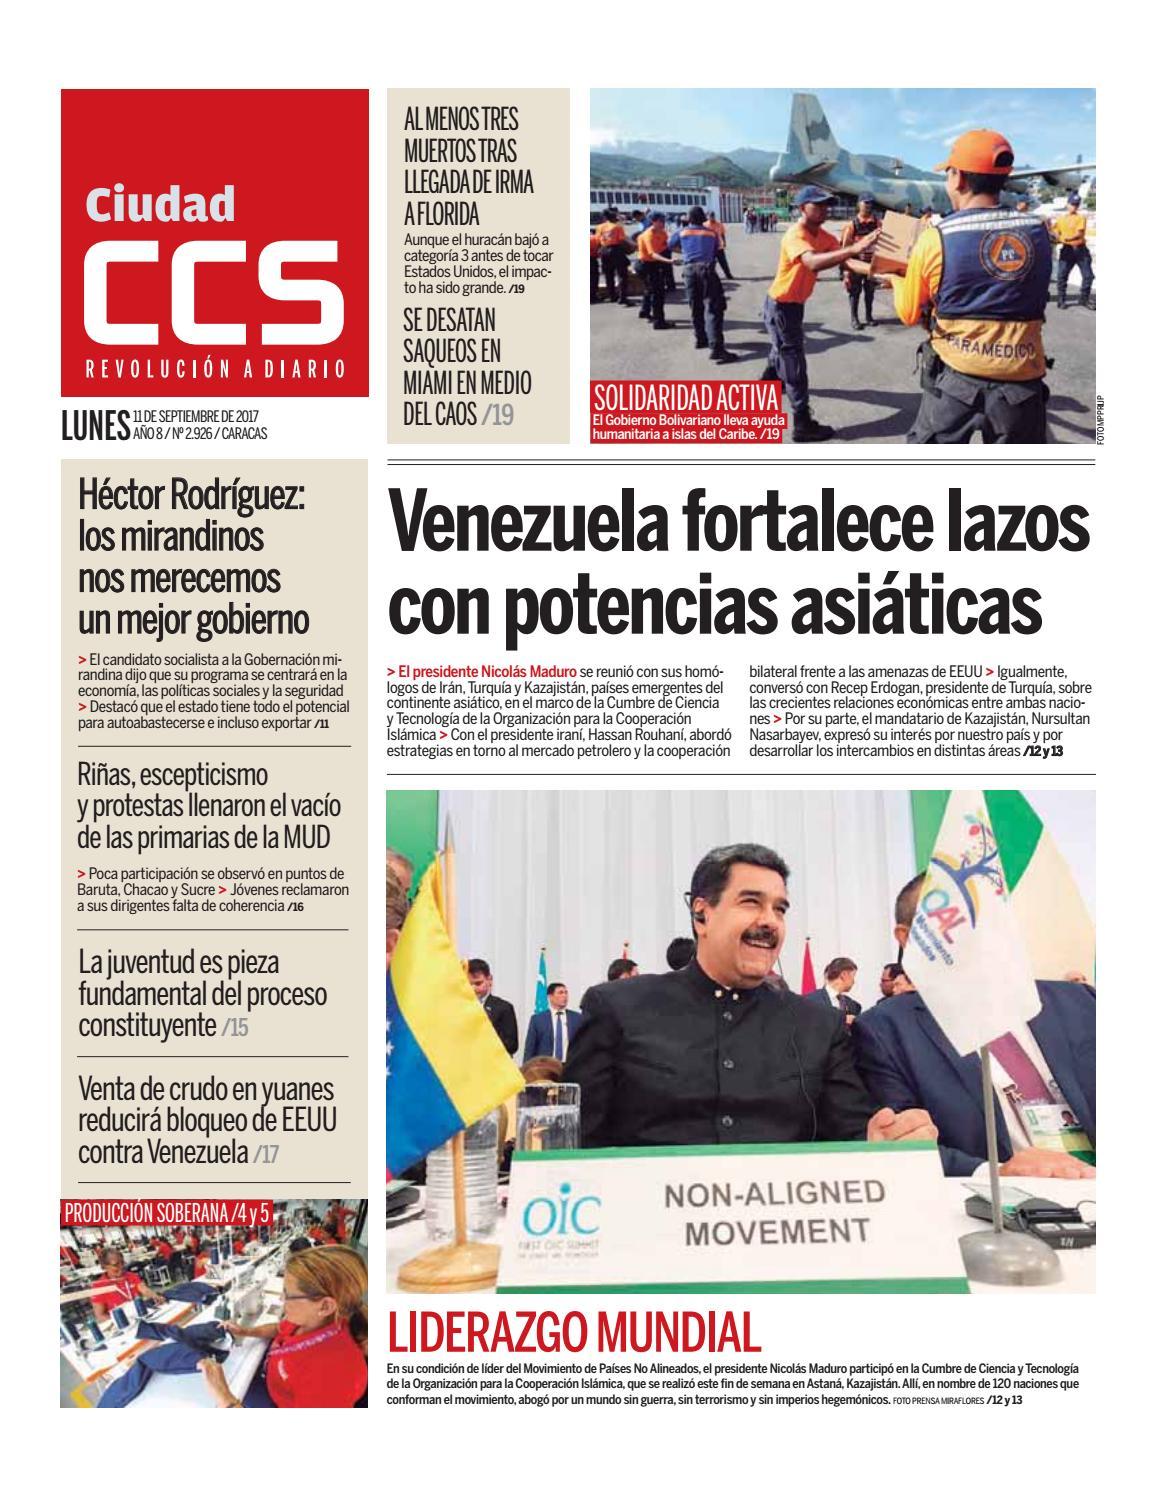 11 09 17 by Ciudad CCS - issuu 284984a3284df